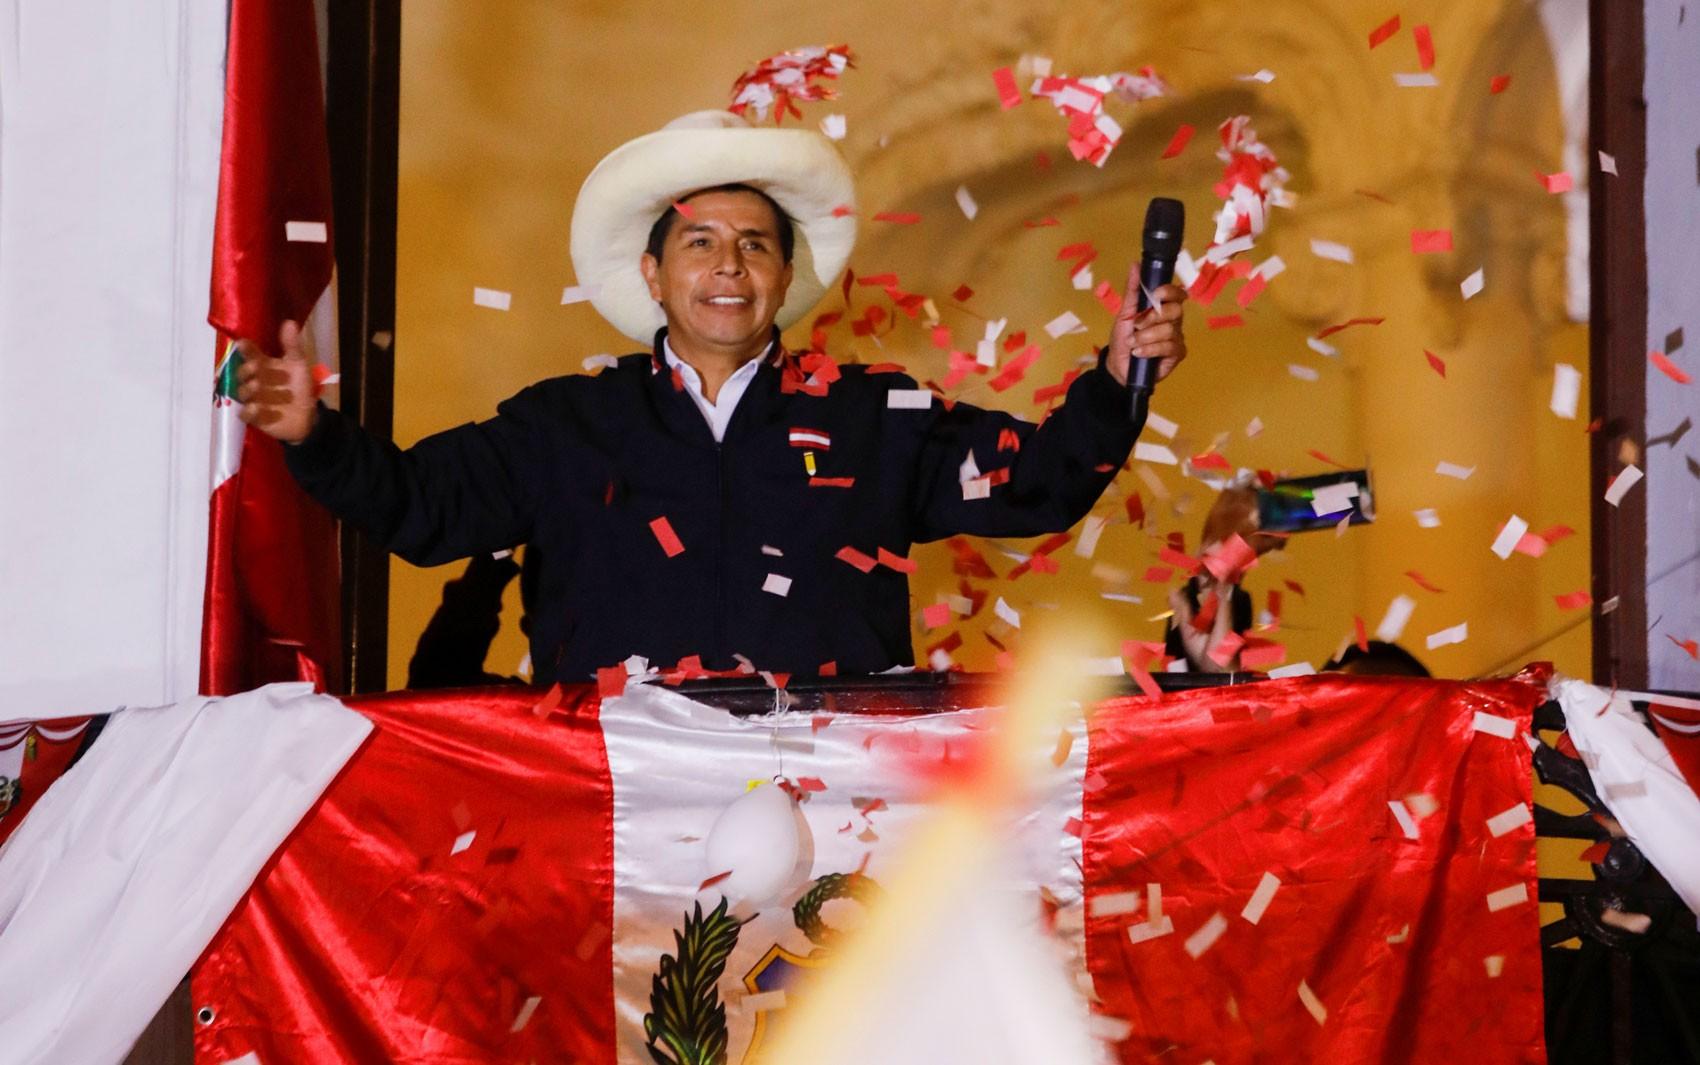 Peru encerra contagem oficial de votos de eleição presidencial, com Castillo na liderança